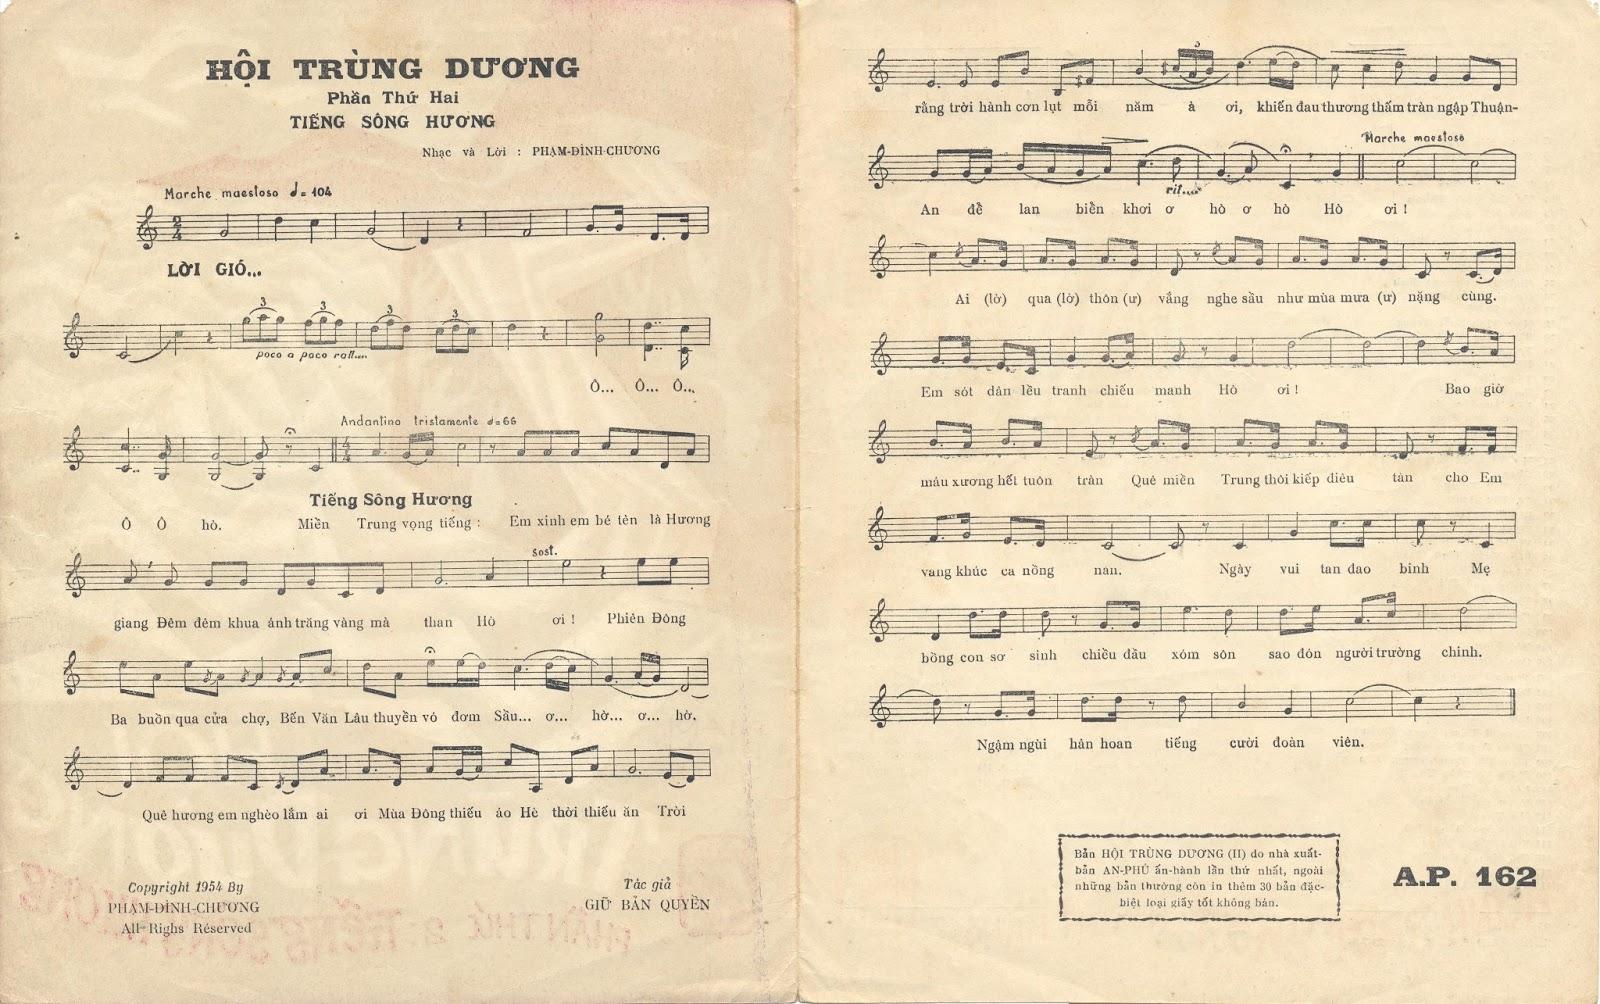 Sheet nhạc bài hát tiếng sông hương